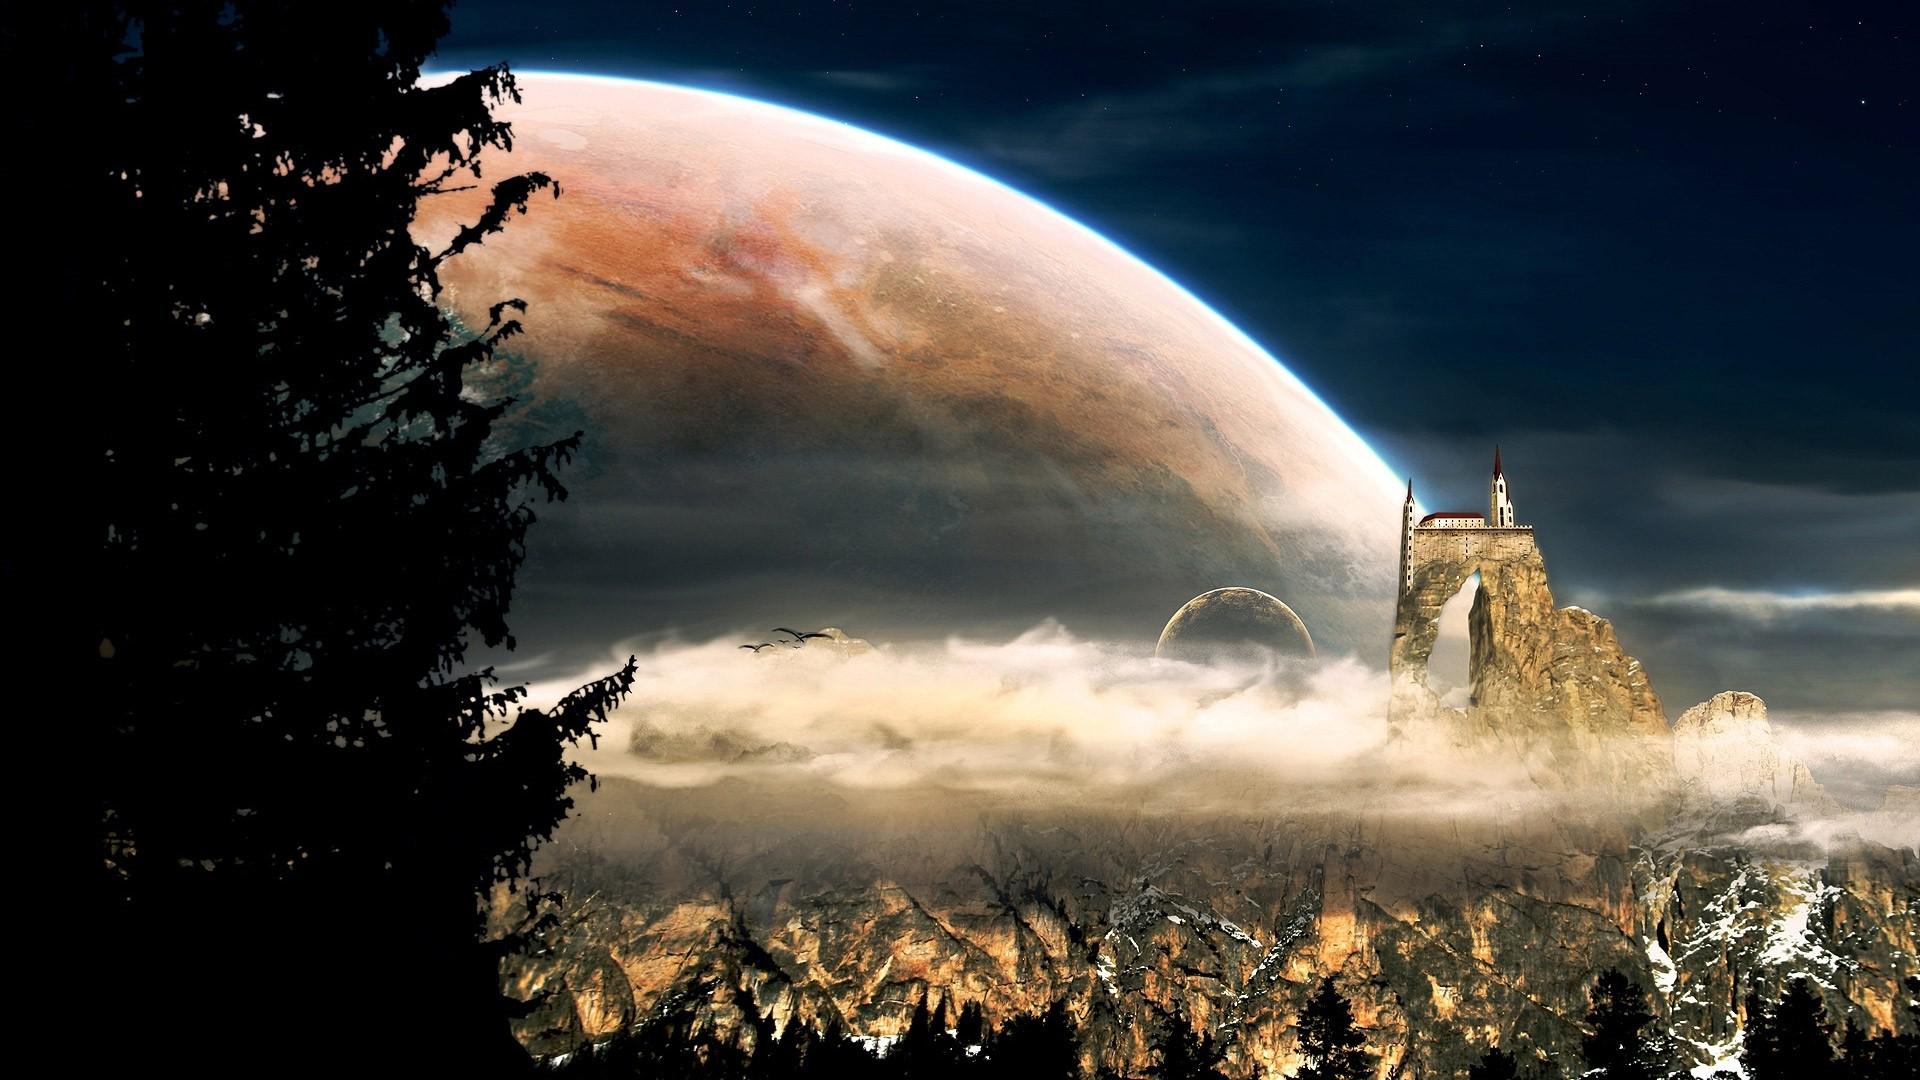 Celestial Background Wallpaper